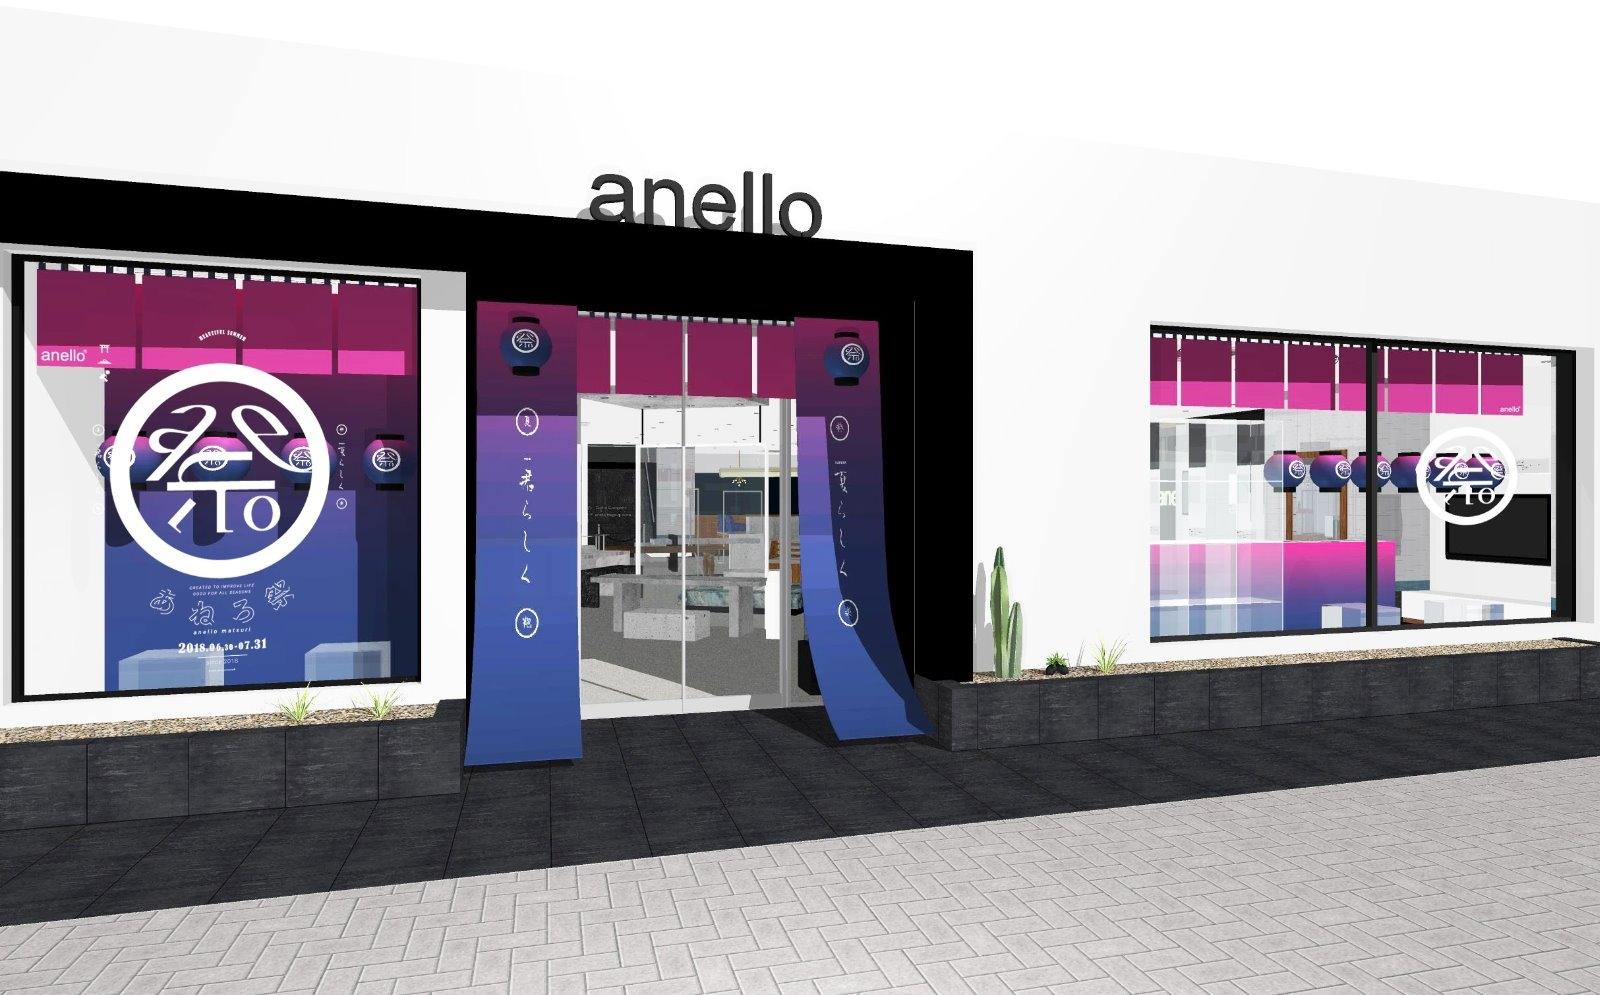 anello®グローバル旗艦店で